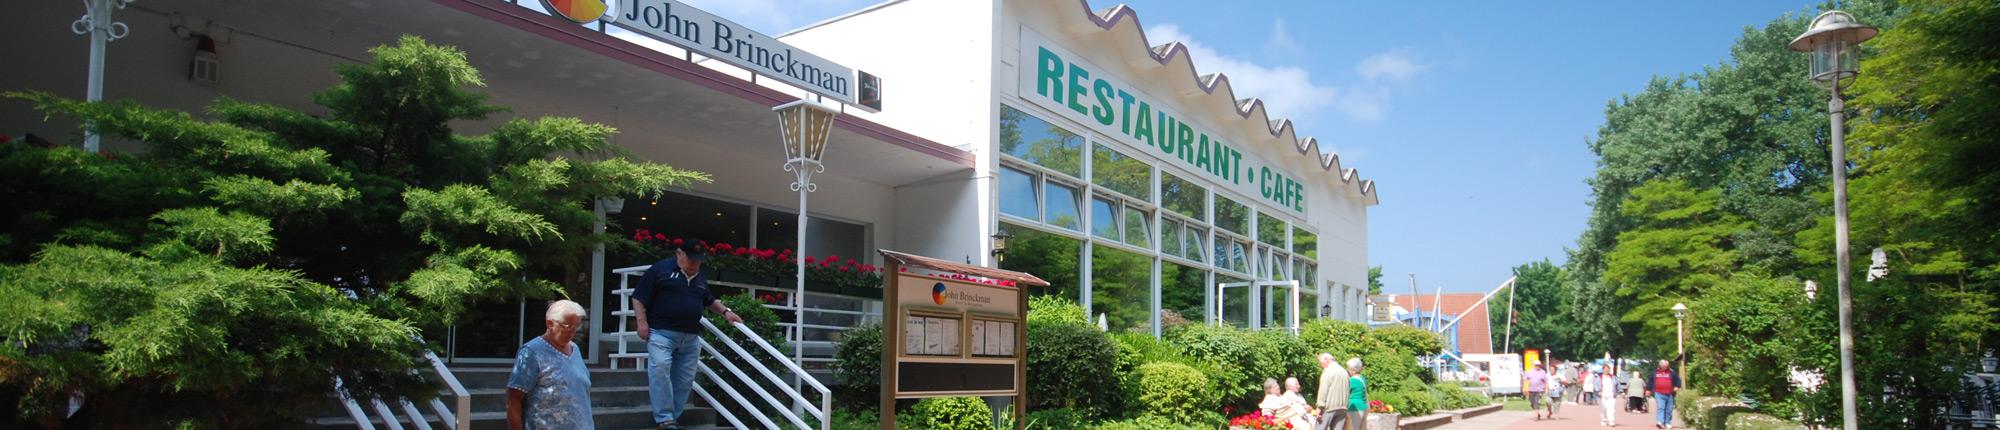 Aussenansicht - Hotel John Brinckman